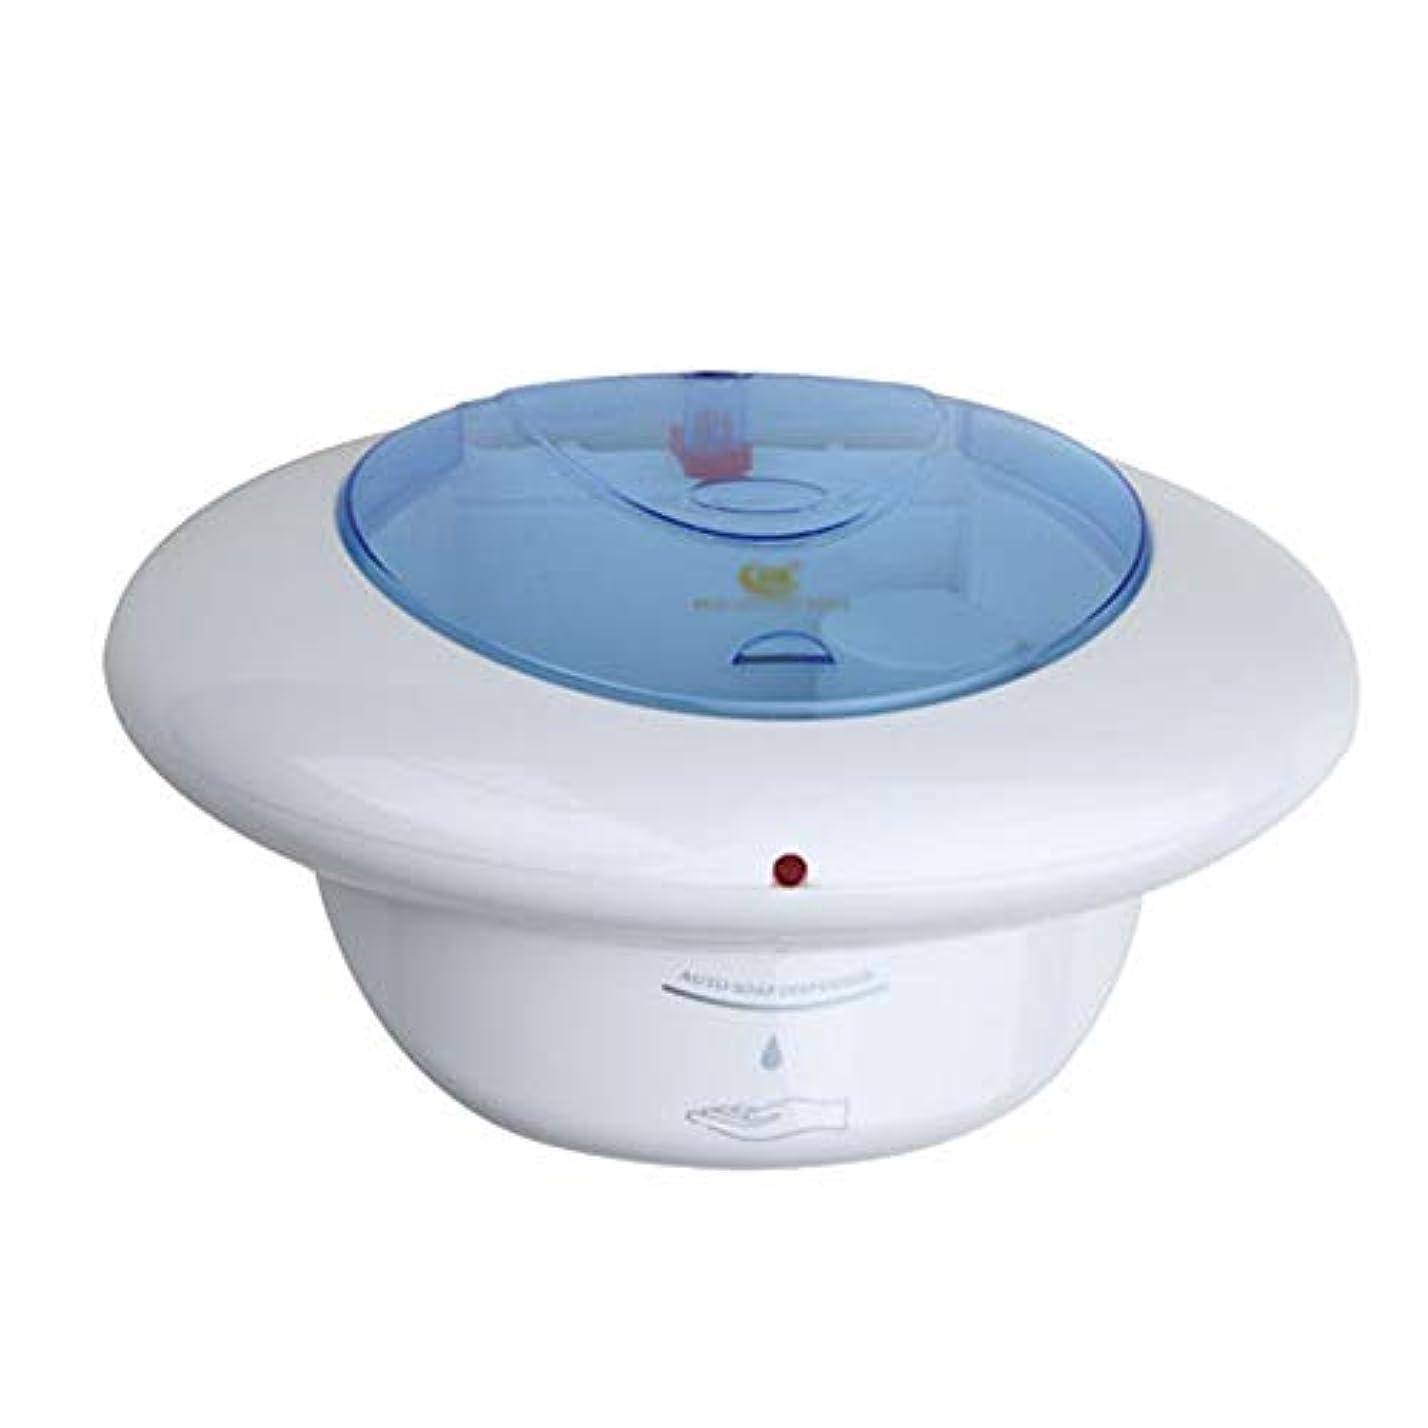 失望させる最小化する費やすソープディスペンサー 700mlの容量赤外線検出壁掛け自動ソープディスペンサー ハンドソープ 食器用洗剤 キッチン 洗面所などに適用 (Color : White, Size : One size)